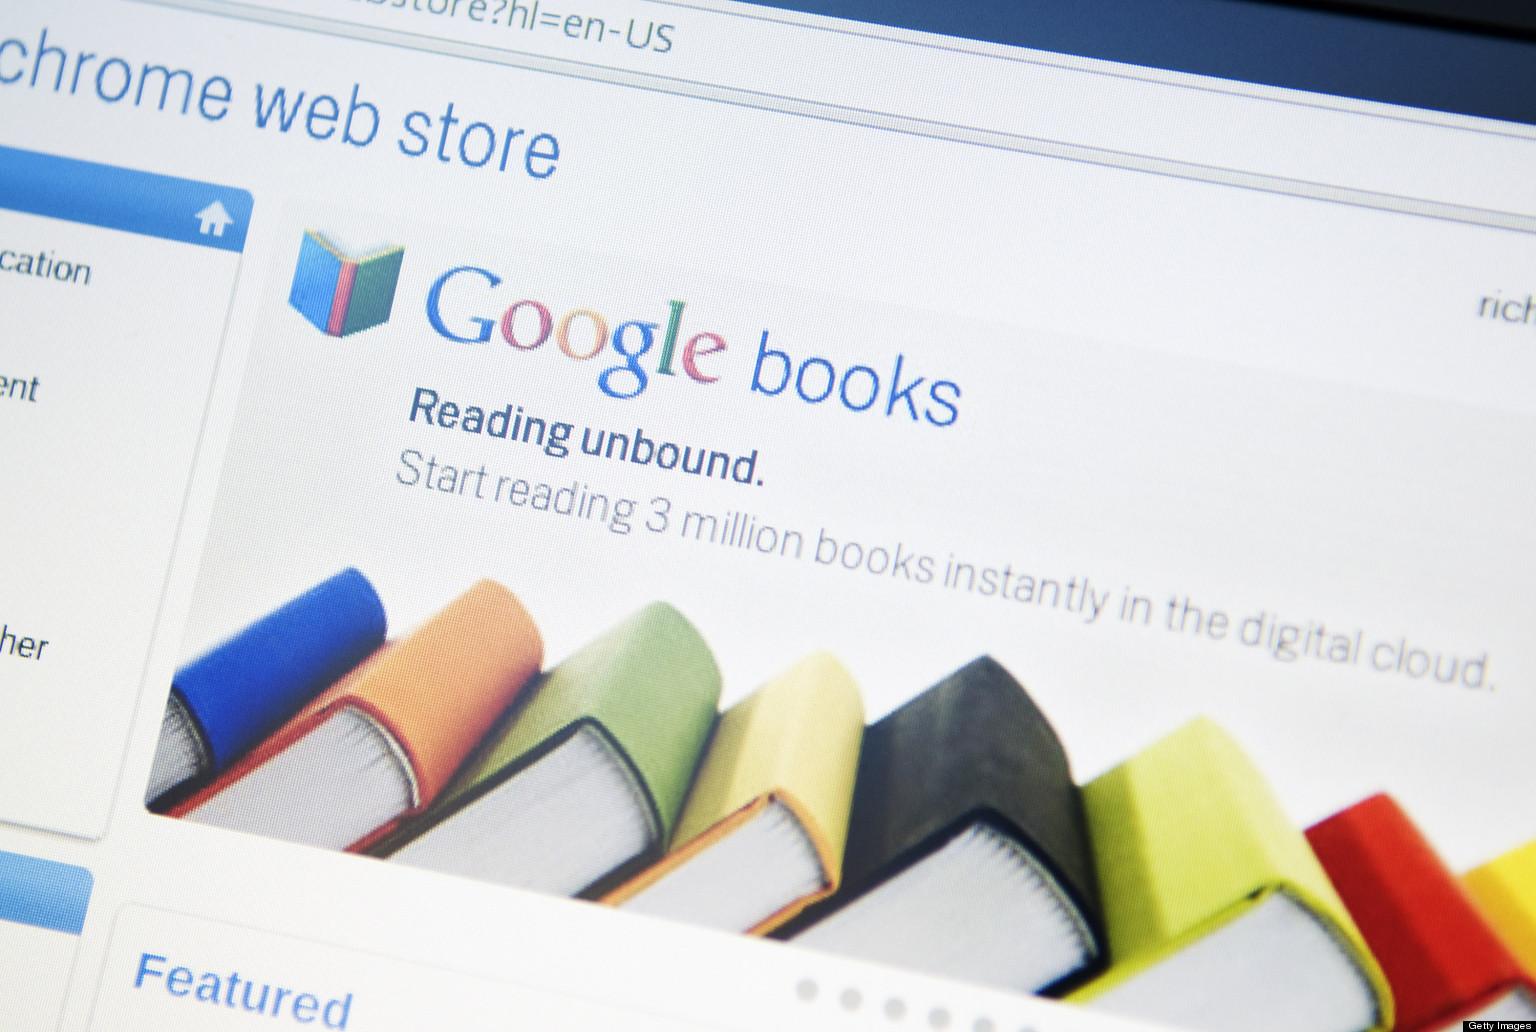 谷歌图书服务的XS-Search漏洞-互联网之家